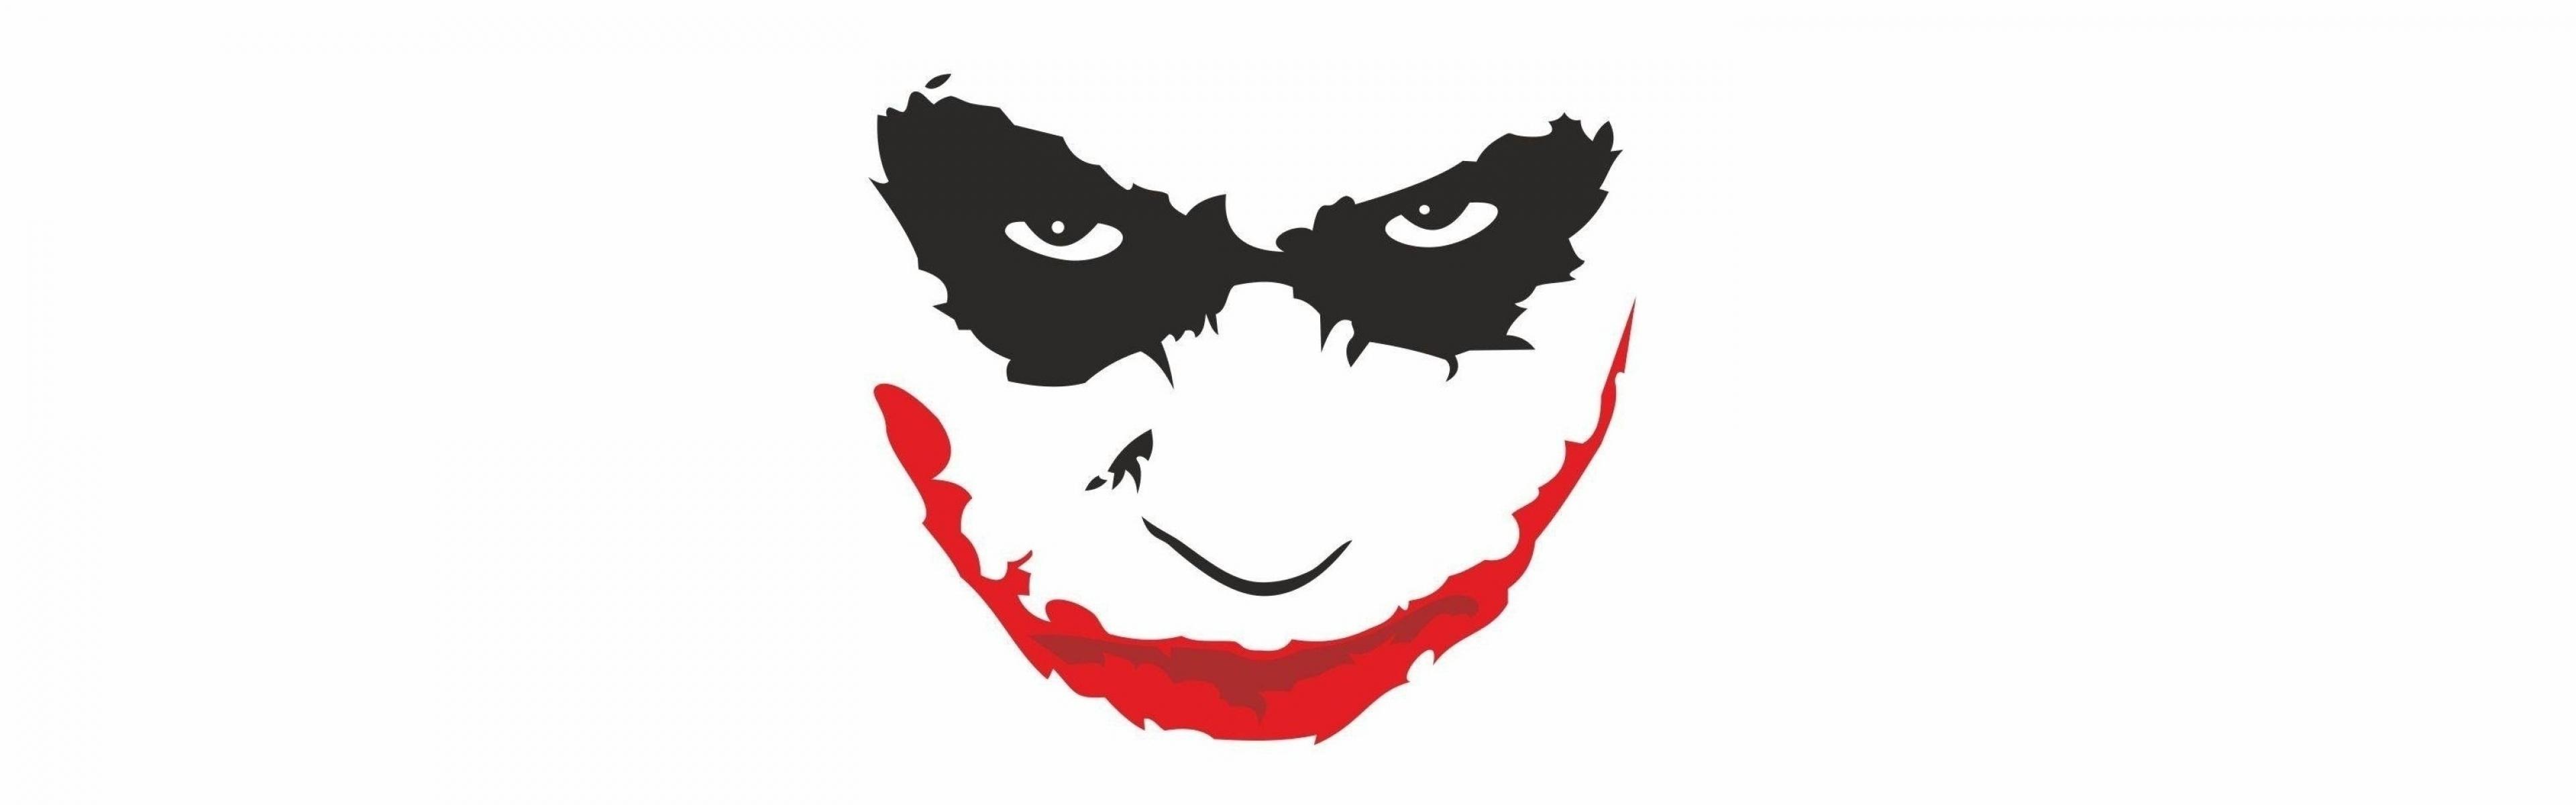 3840x1200 Joker Vector 3 An Images Hub